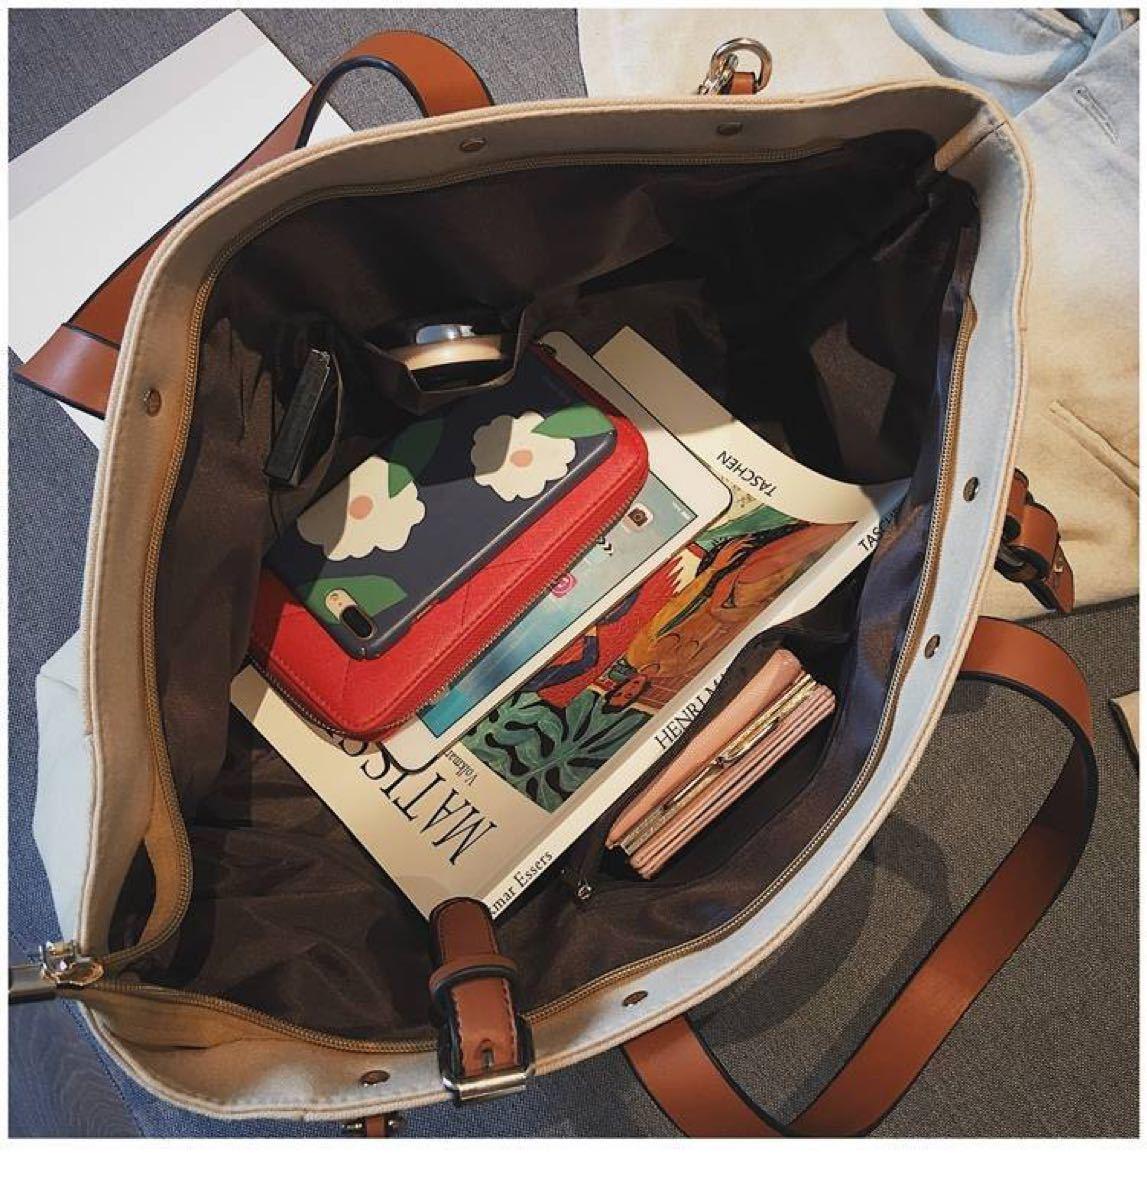 バッグ トートバッグ 2way ハンドバッグ 帆布 横長 ショルダーバッグ 人気 おしゃれ かわいい トート バッグ   ホワイト